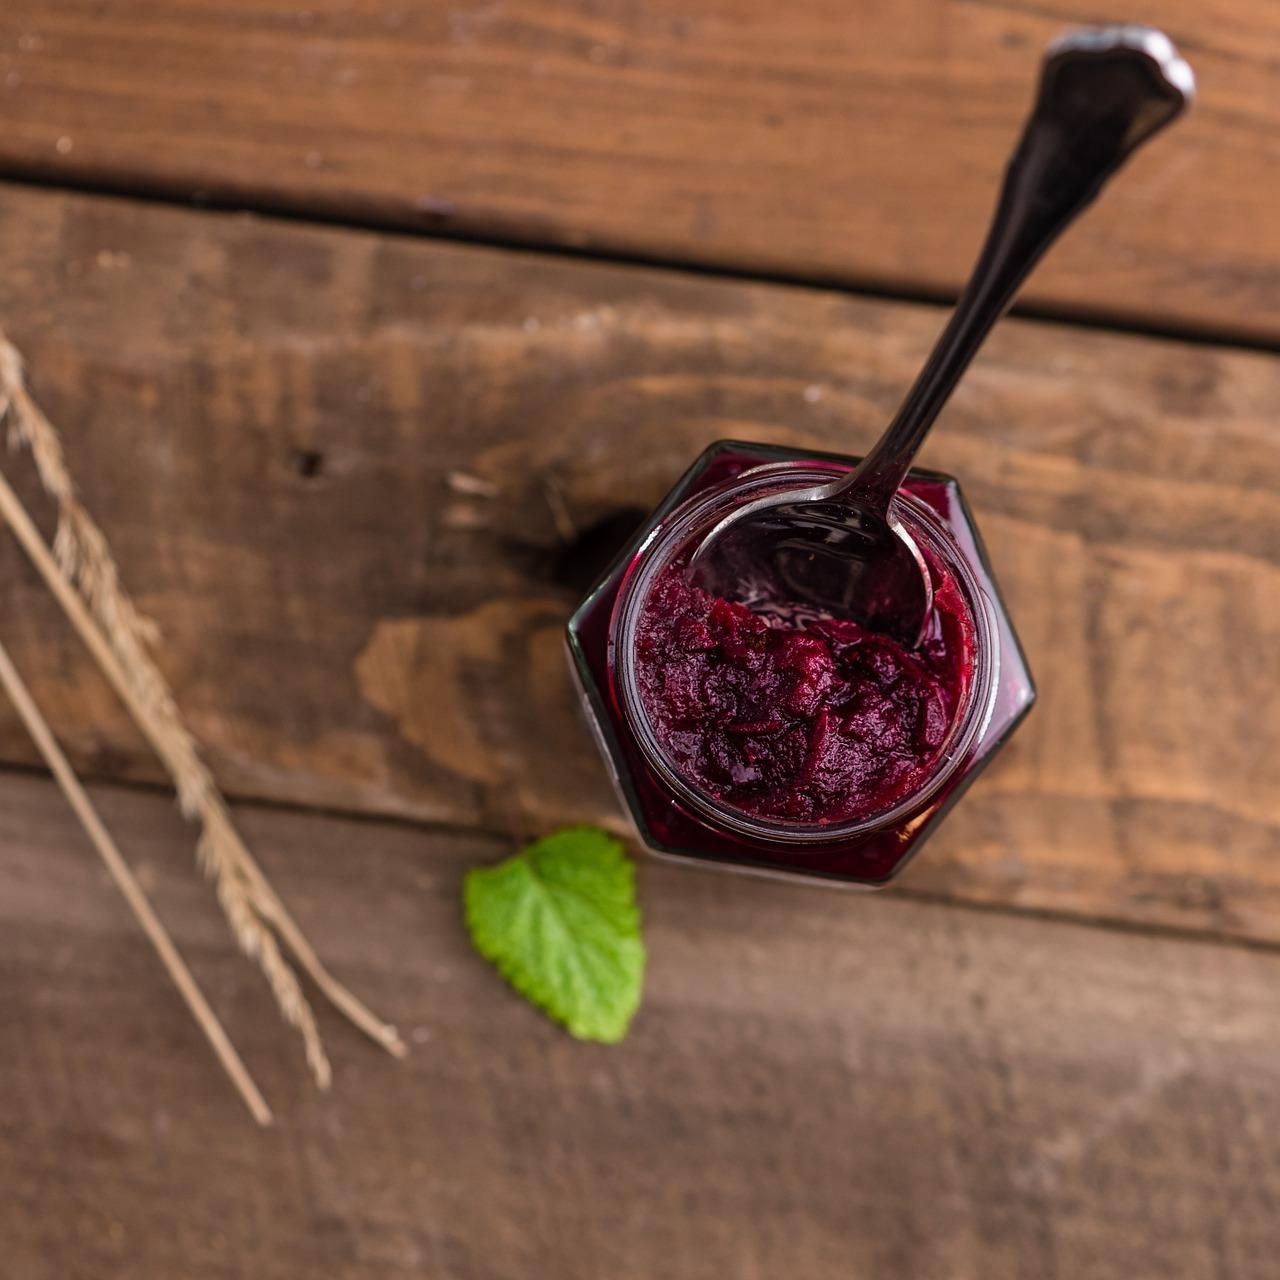 Aus schwarzen Johannisbeeren lässt sich gut eine leicht herb schmeckende Marmelade herstellen.